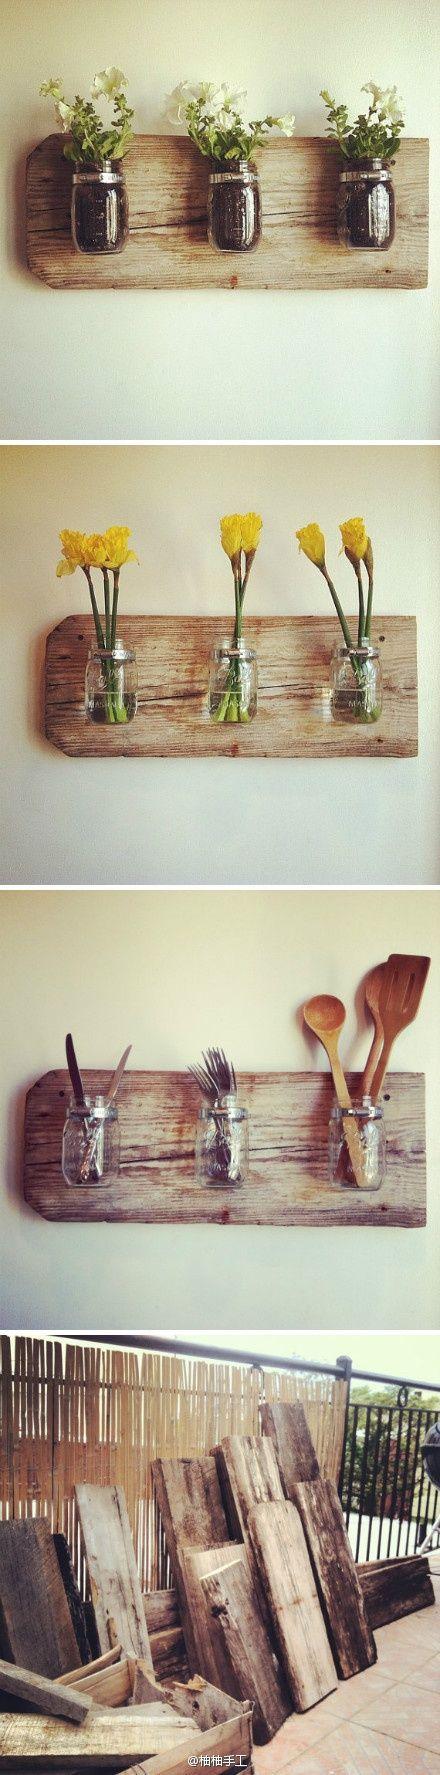 ideas manualidades en casa manualidades para niños diy decoracion de la casa